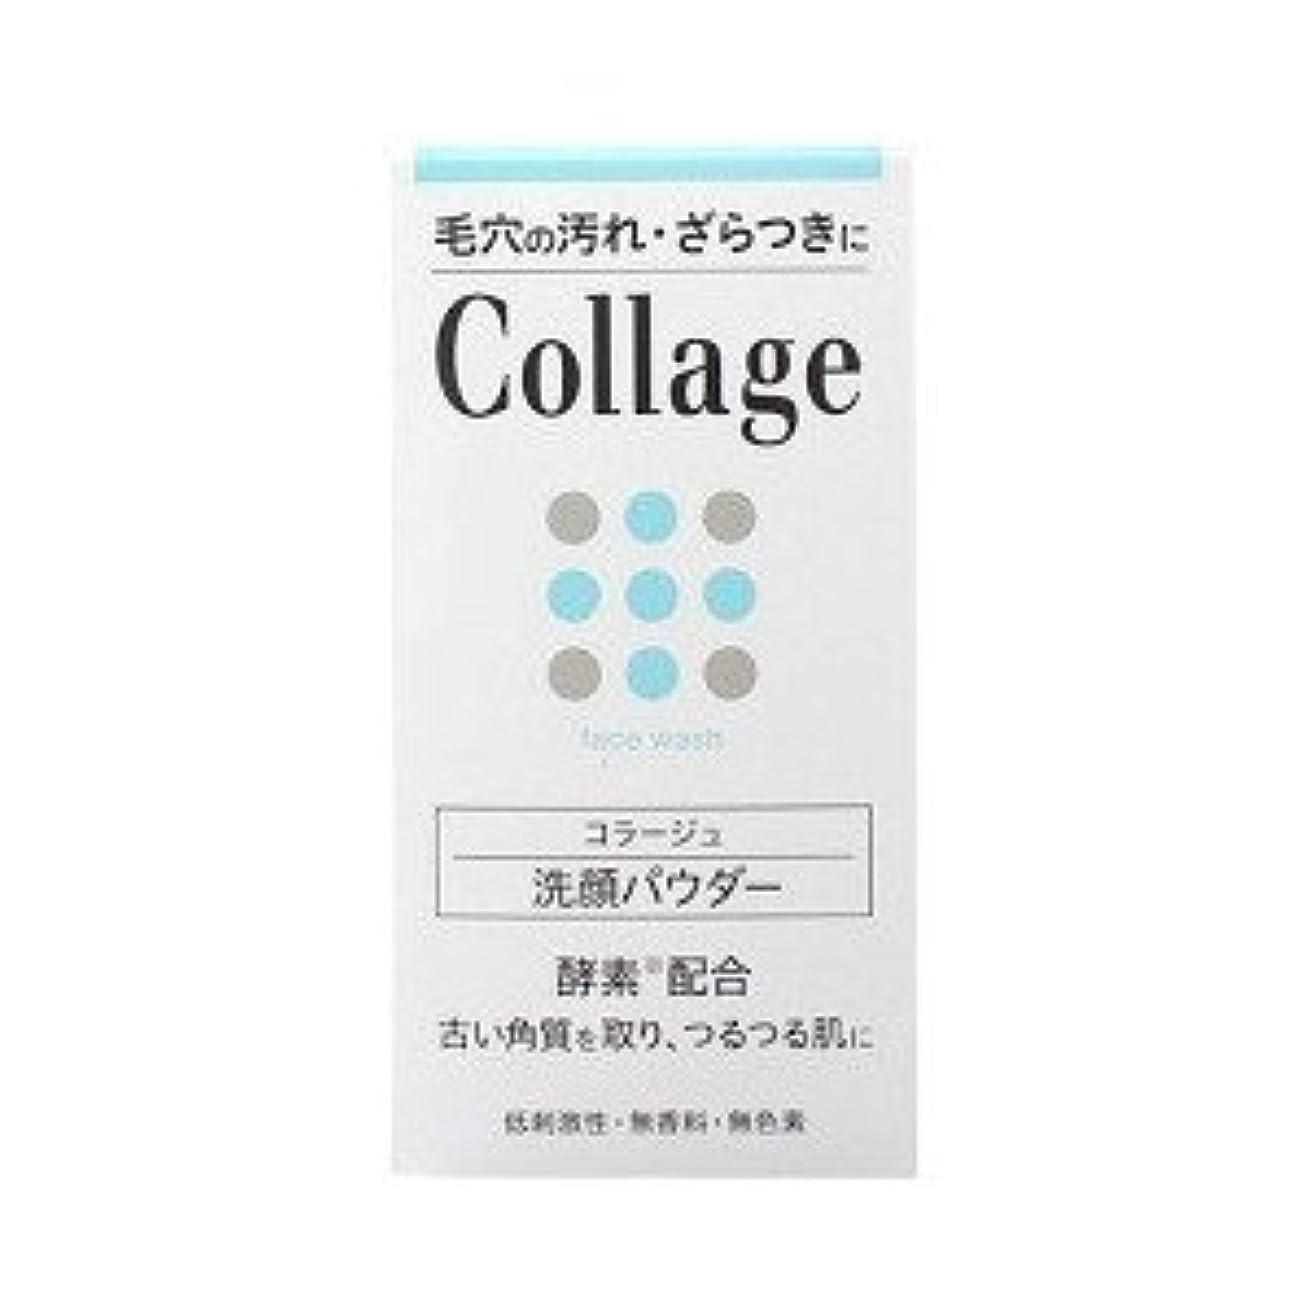 関係ない俳句お風呂を持っている(持田ヘルスケア)コラージュ 洗顔パウダー 40g(お買い得3個セット)